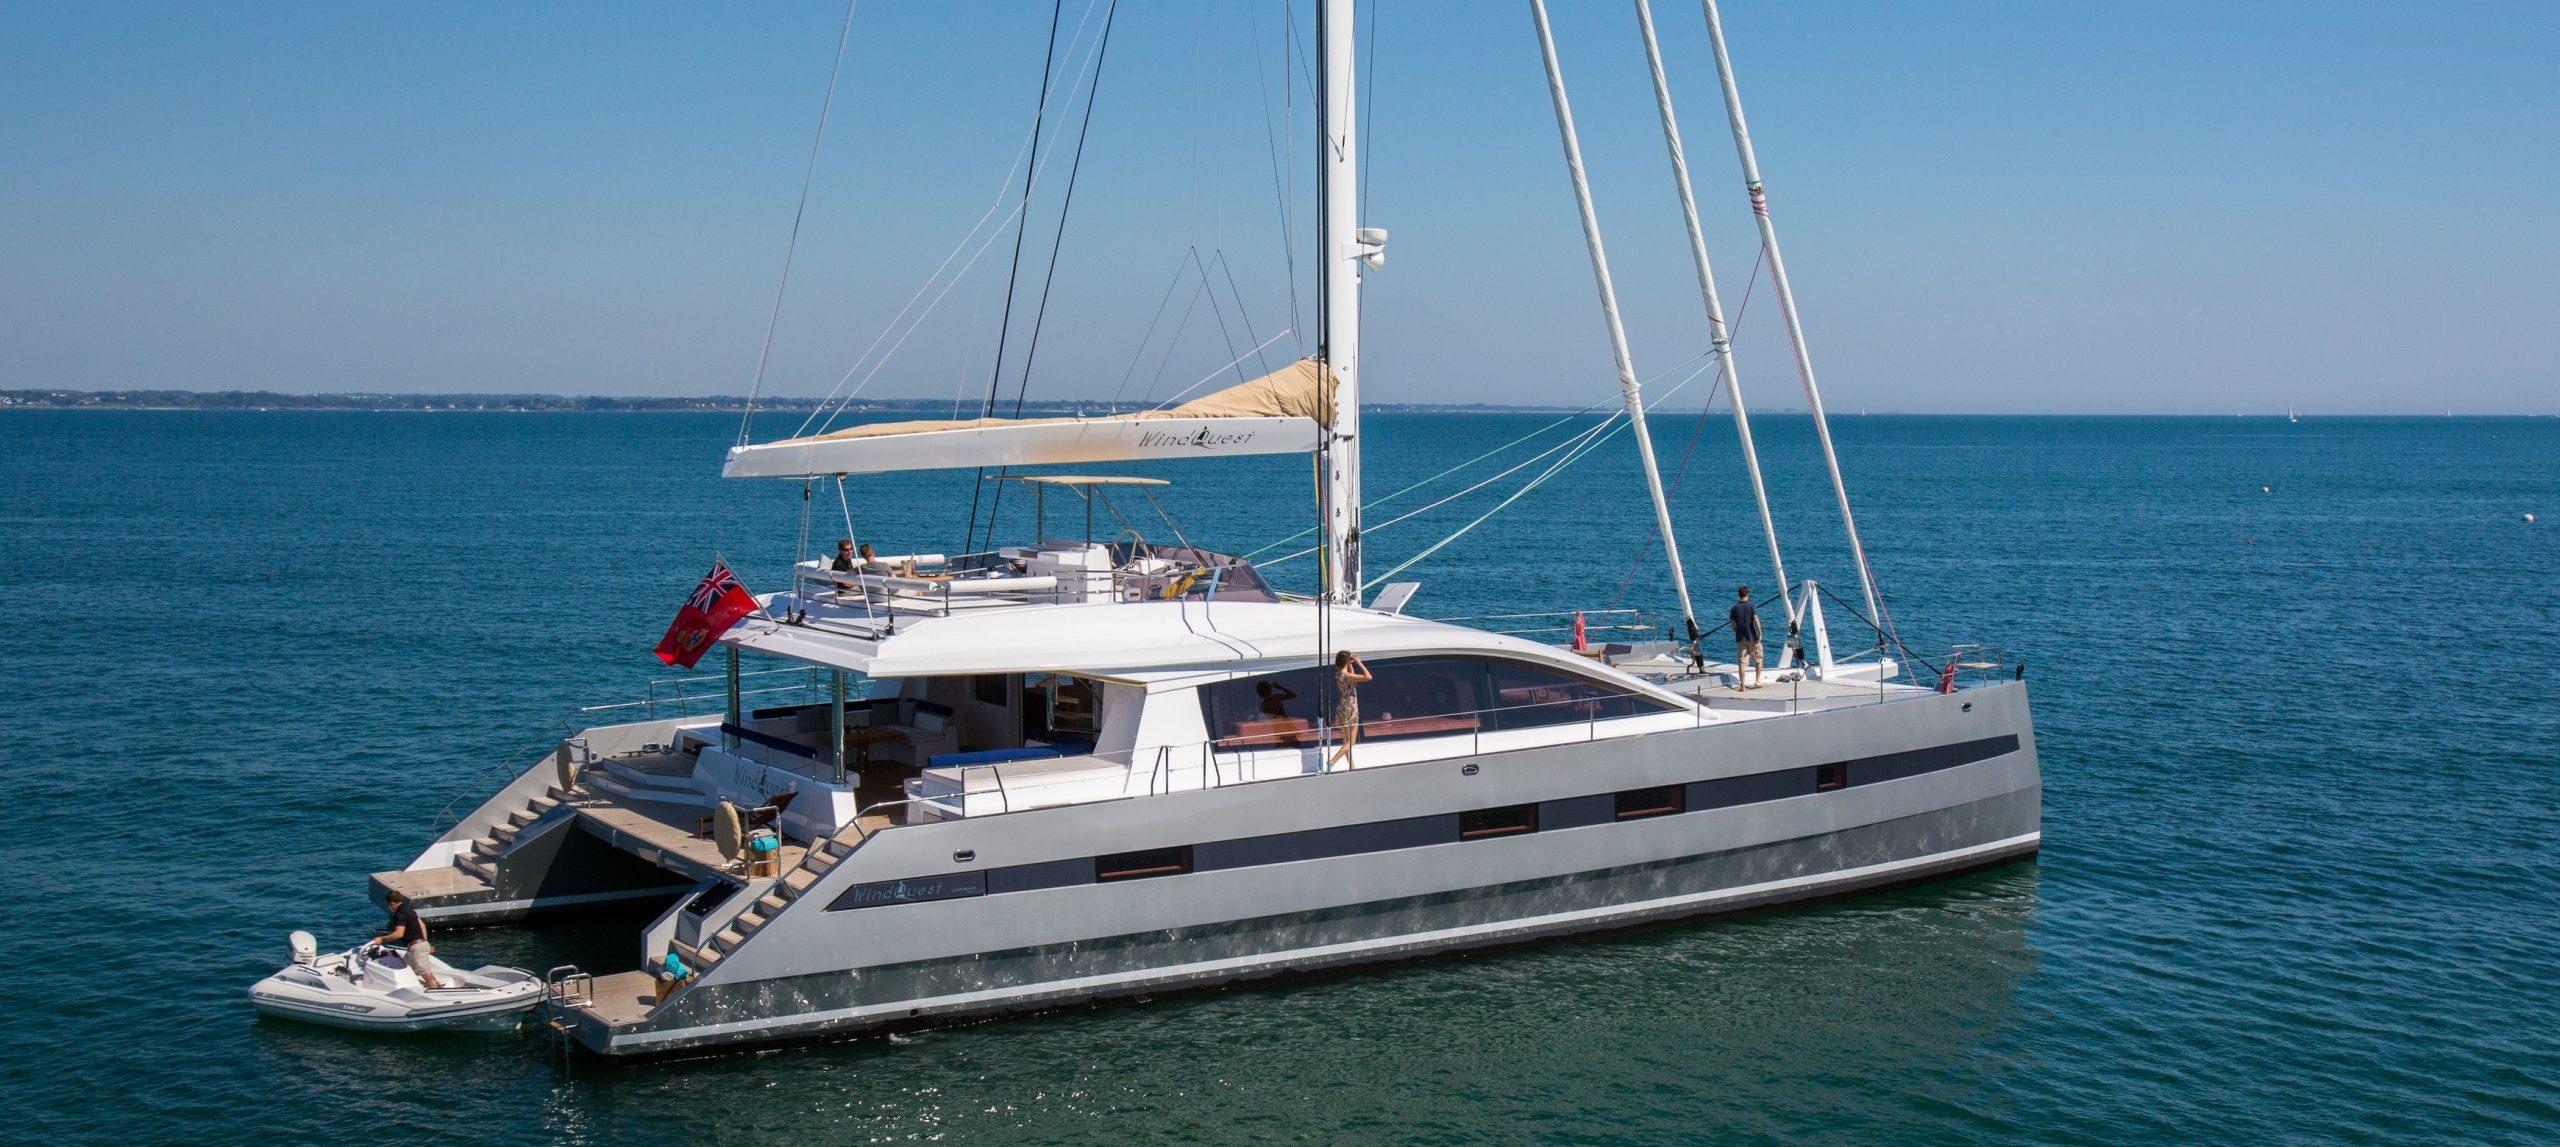 Alquiler de catamaranes